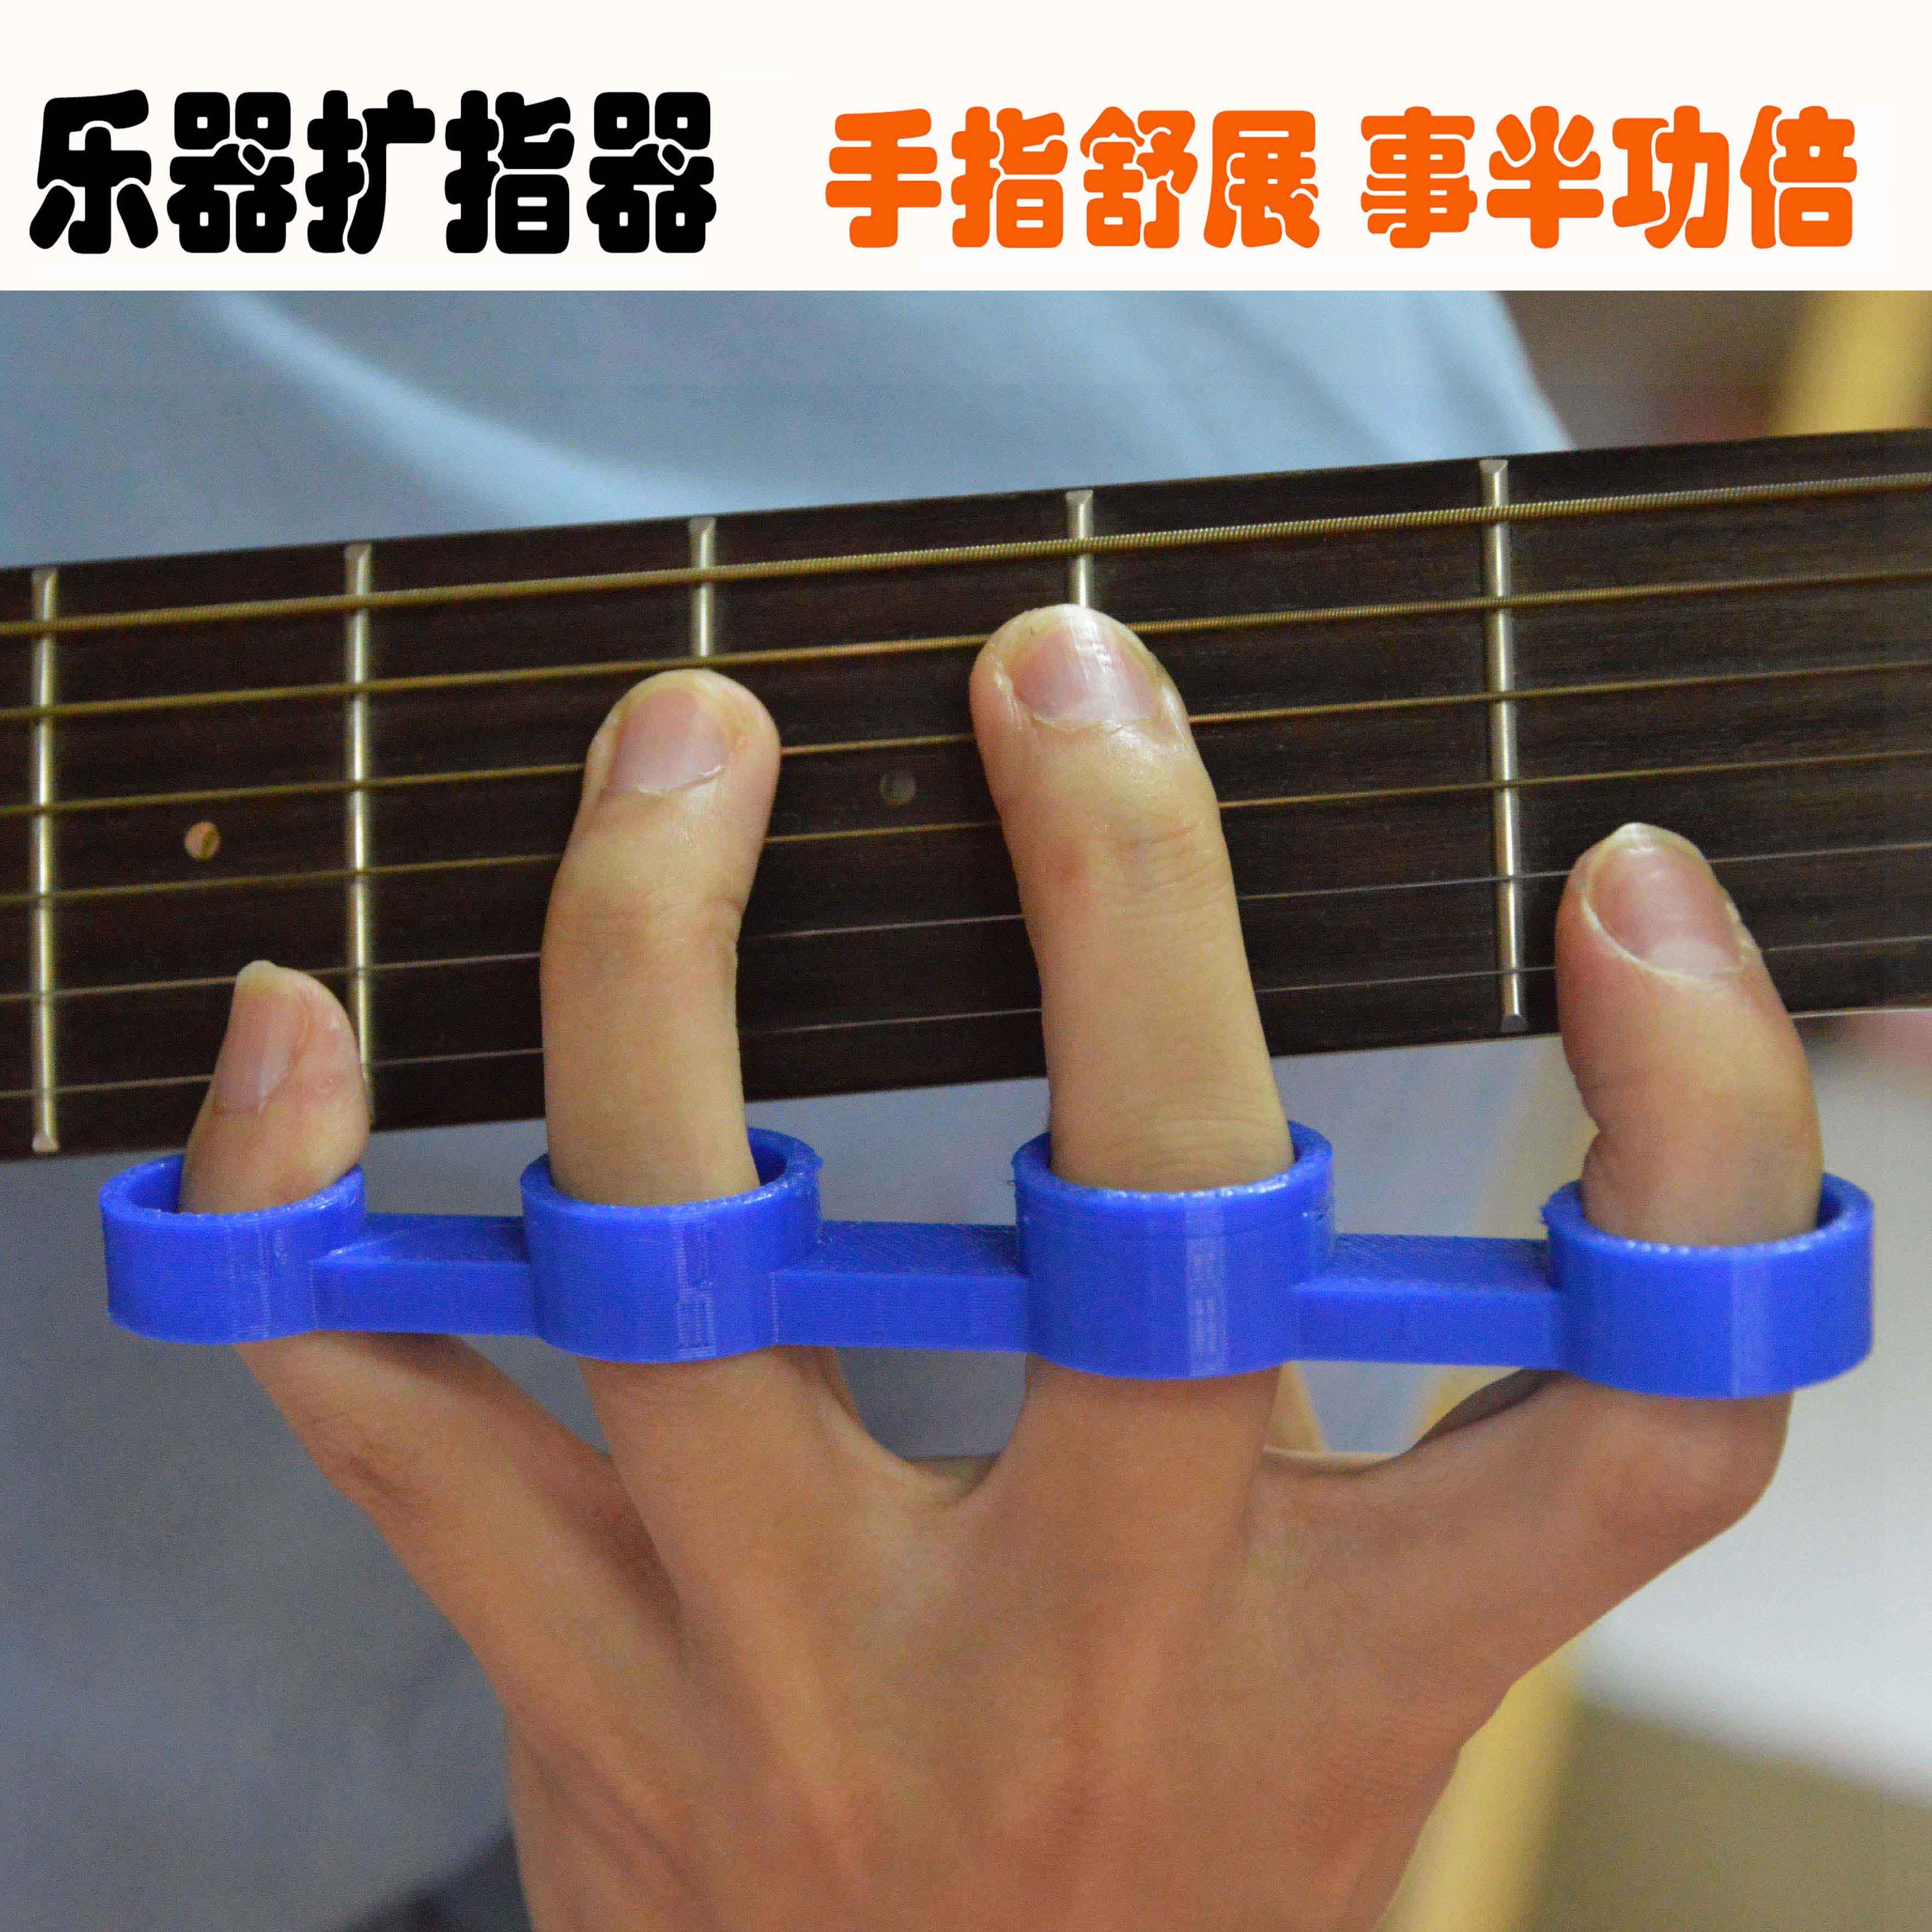 Гитары / Фортепиано / Национальные музыкальные инструменты Артикул 589799442166